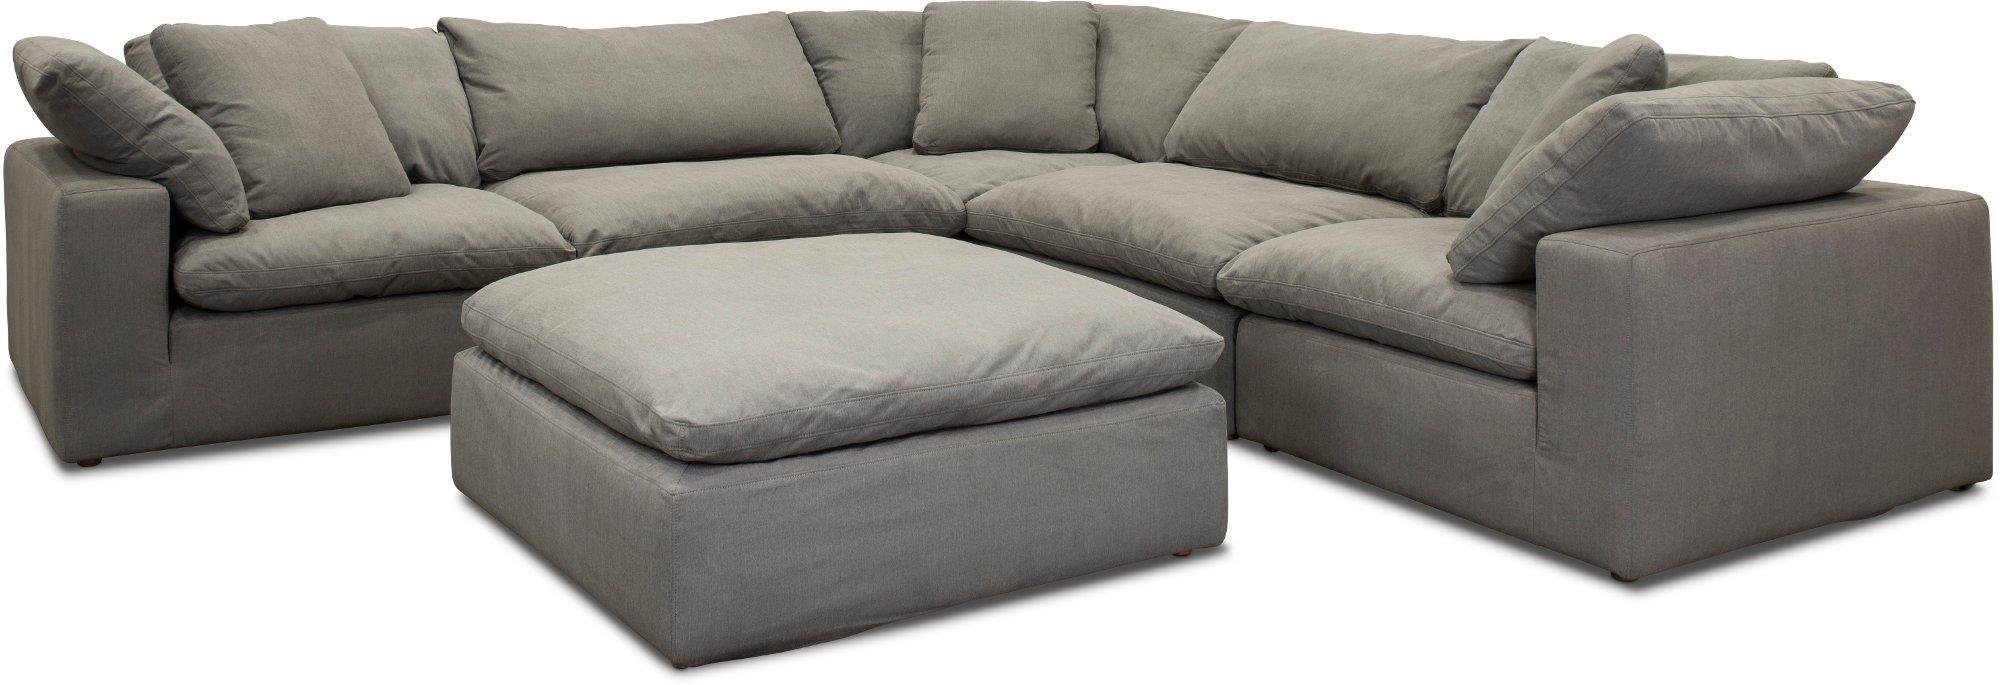 Slate Gray 5 Piece Sectional Sofa Peyton Sectional Sofa Sofa